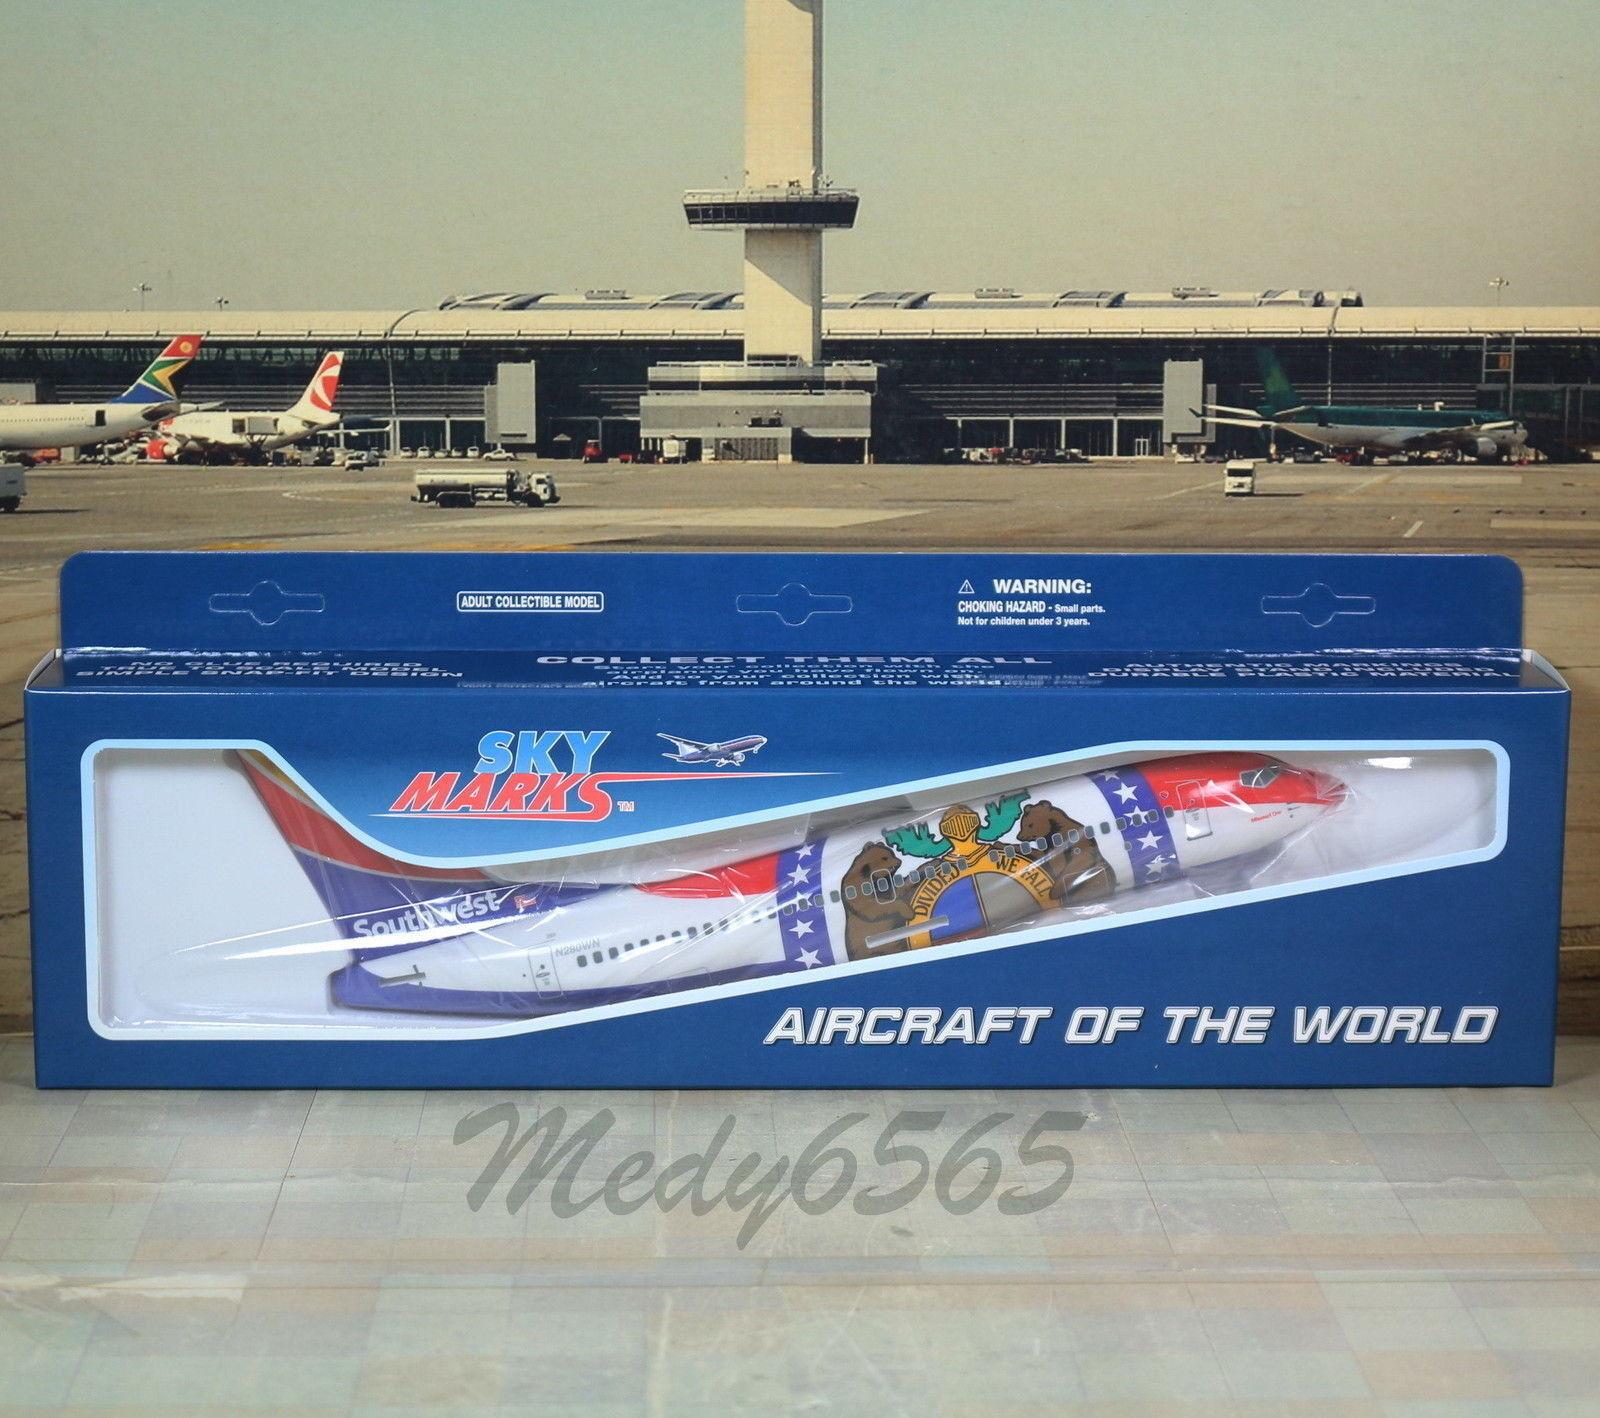 bajo precio del 40% Skymarks sudoeste  Missouri uno    Boeing B737-700W 1 130  tienda de descuento